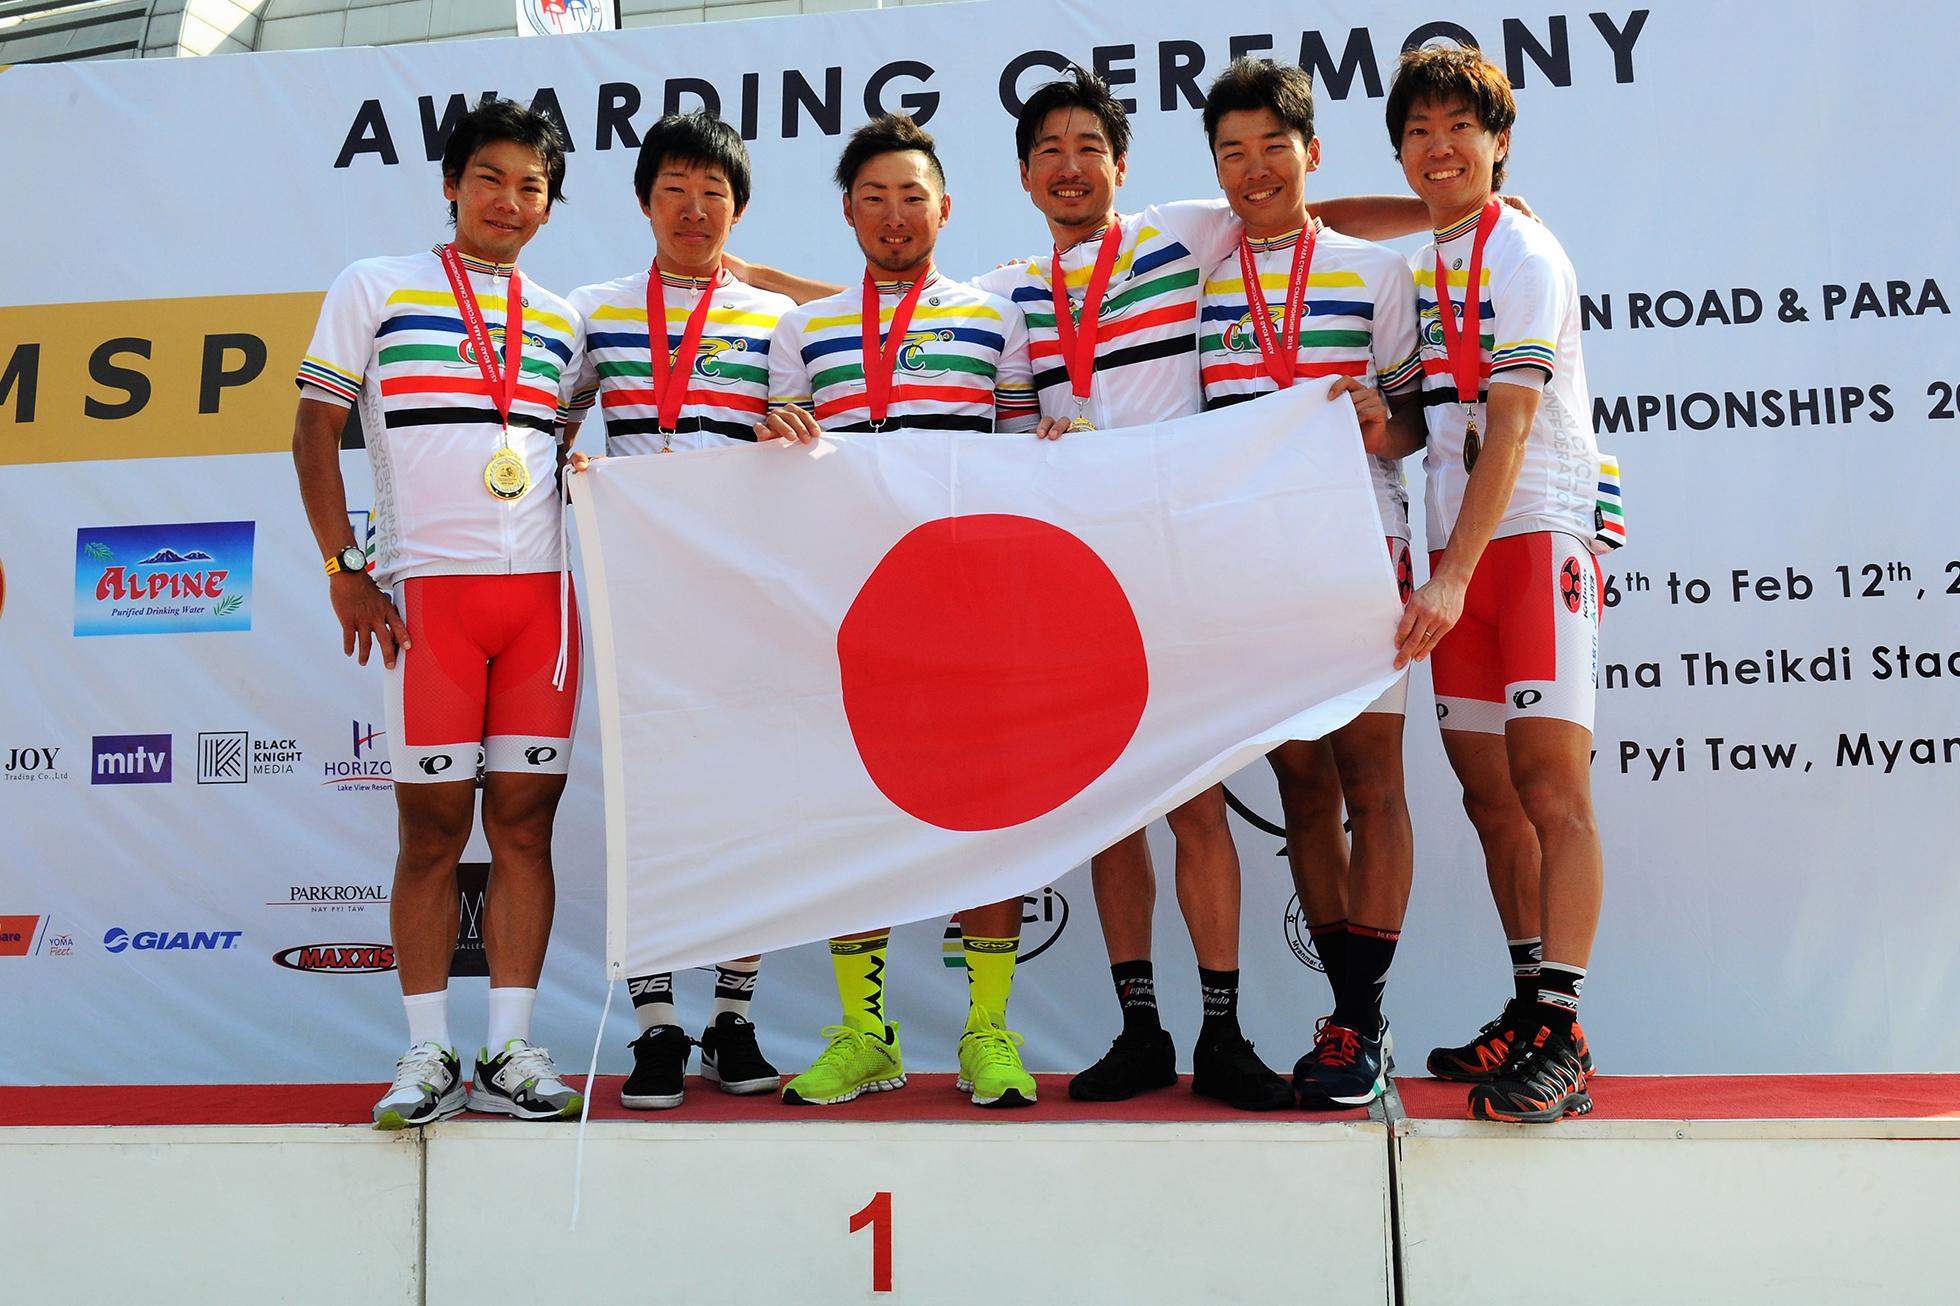 チャンピオンジャージに身を包み、喜びの笑みを見せる日本チーム。左から新城・松田・山本・別府・小野寺・畑中。Photo/Miwa IIJIMA